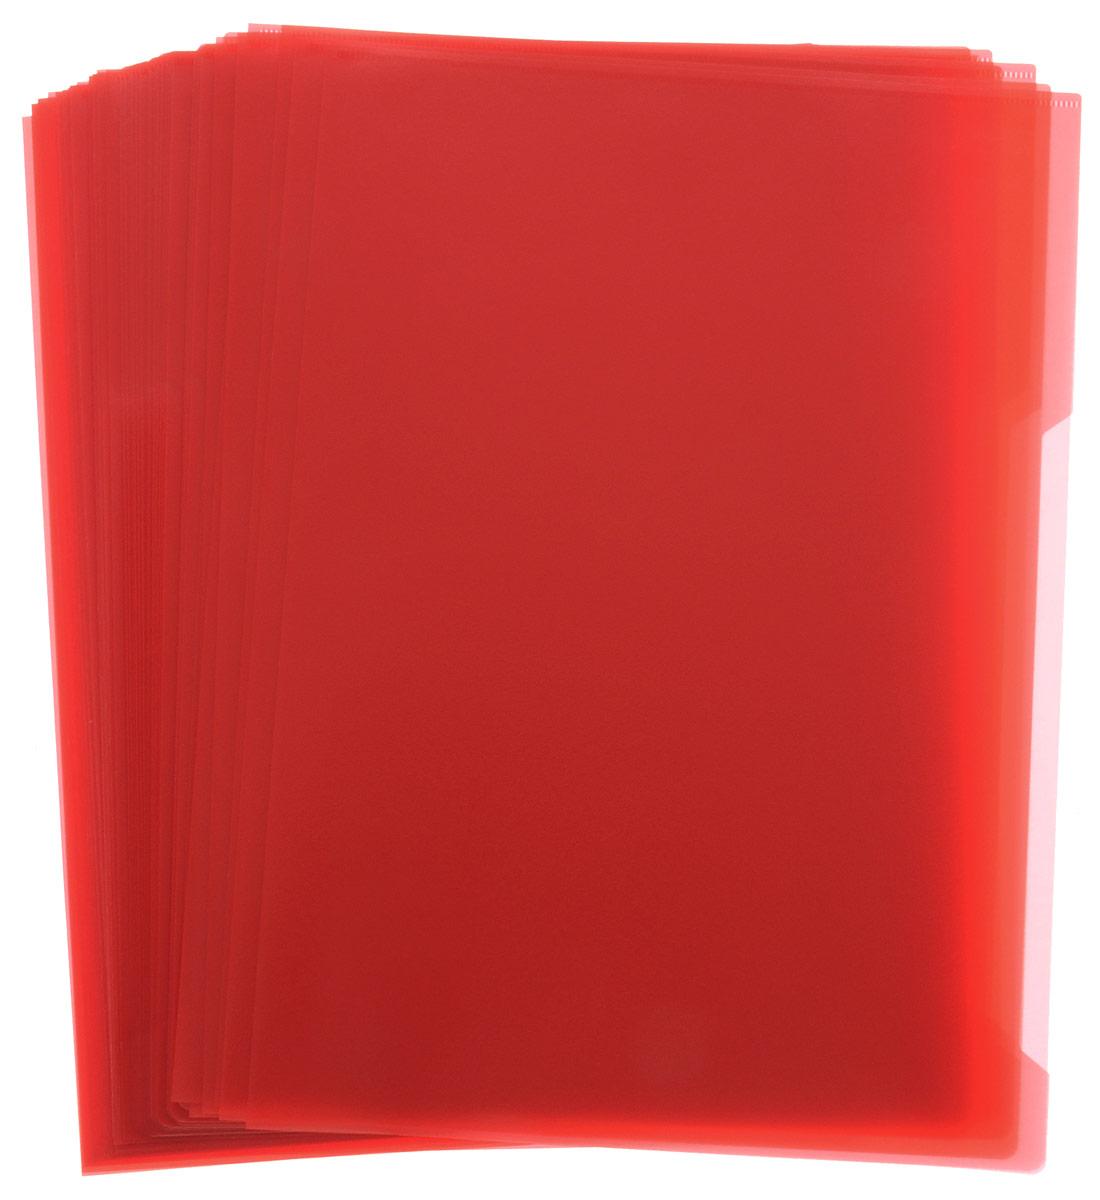 Durable Папка-уголок цвет красный 50 шт2312-03Папка-уголок Durable изготовлена из высококачественного полипропилена. Это удобный и практичный офисный инструмент, предназначенный для хранения и транспортировки рабочих бумаг и документов формата А4. Папка оснащена выемкой для перелистывания листов. В наборе - 50 папок.Папка-уголок - это незаменимый атрибут для студента, школьника, офисного работника. Такая папка надежно сохранит ваши документы и сбережет их от повреждений, пыли и влаги.